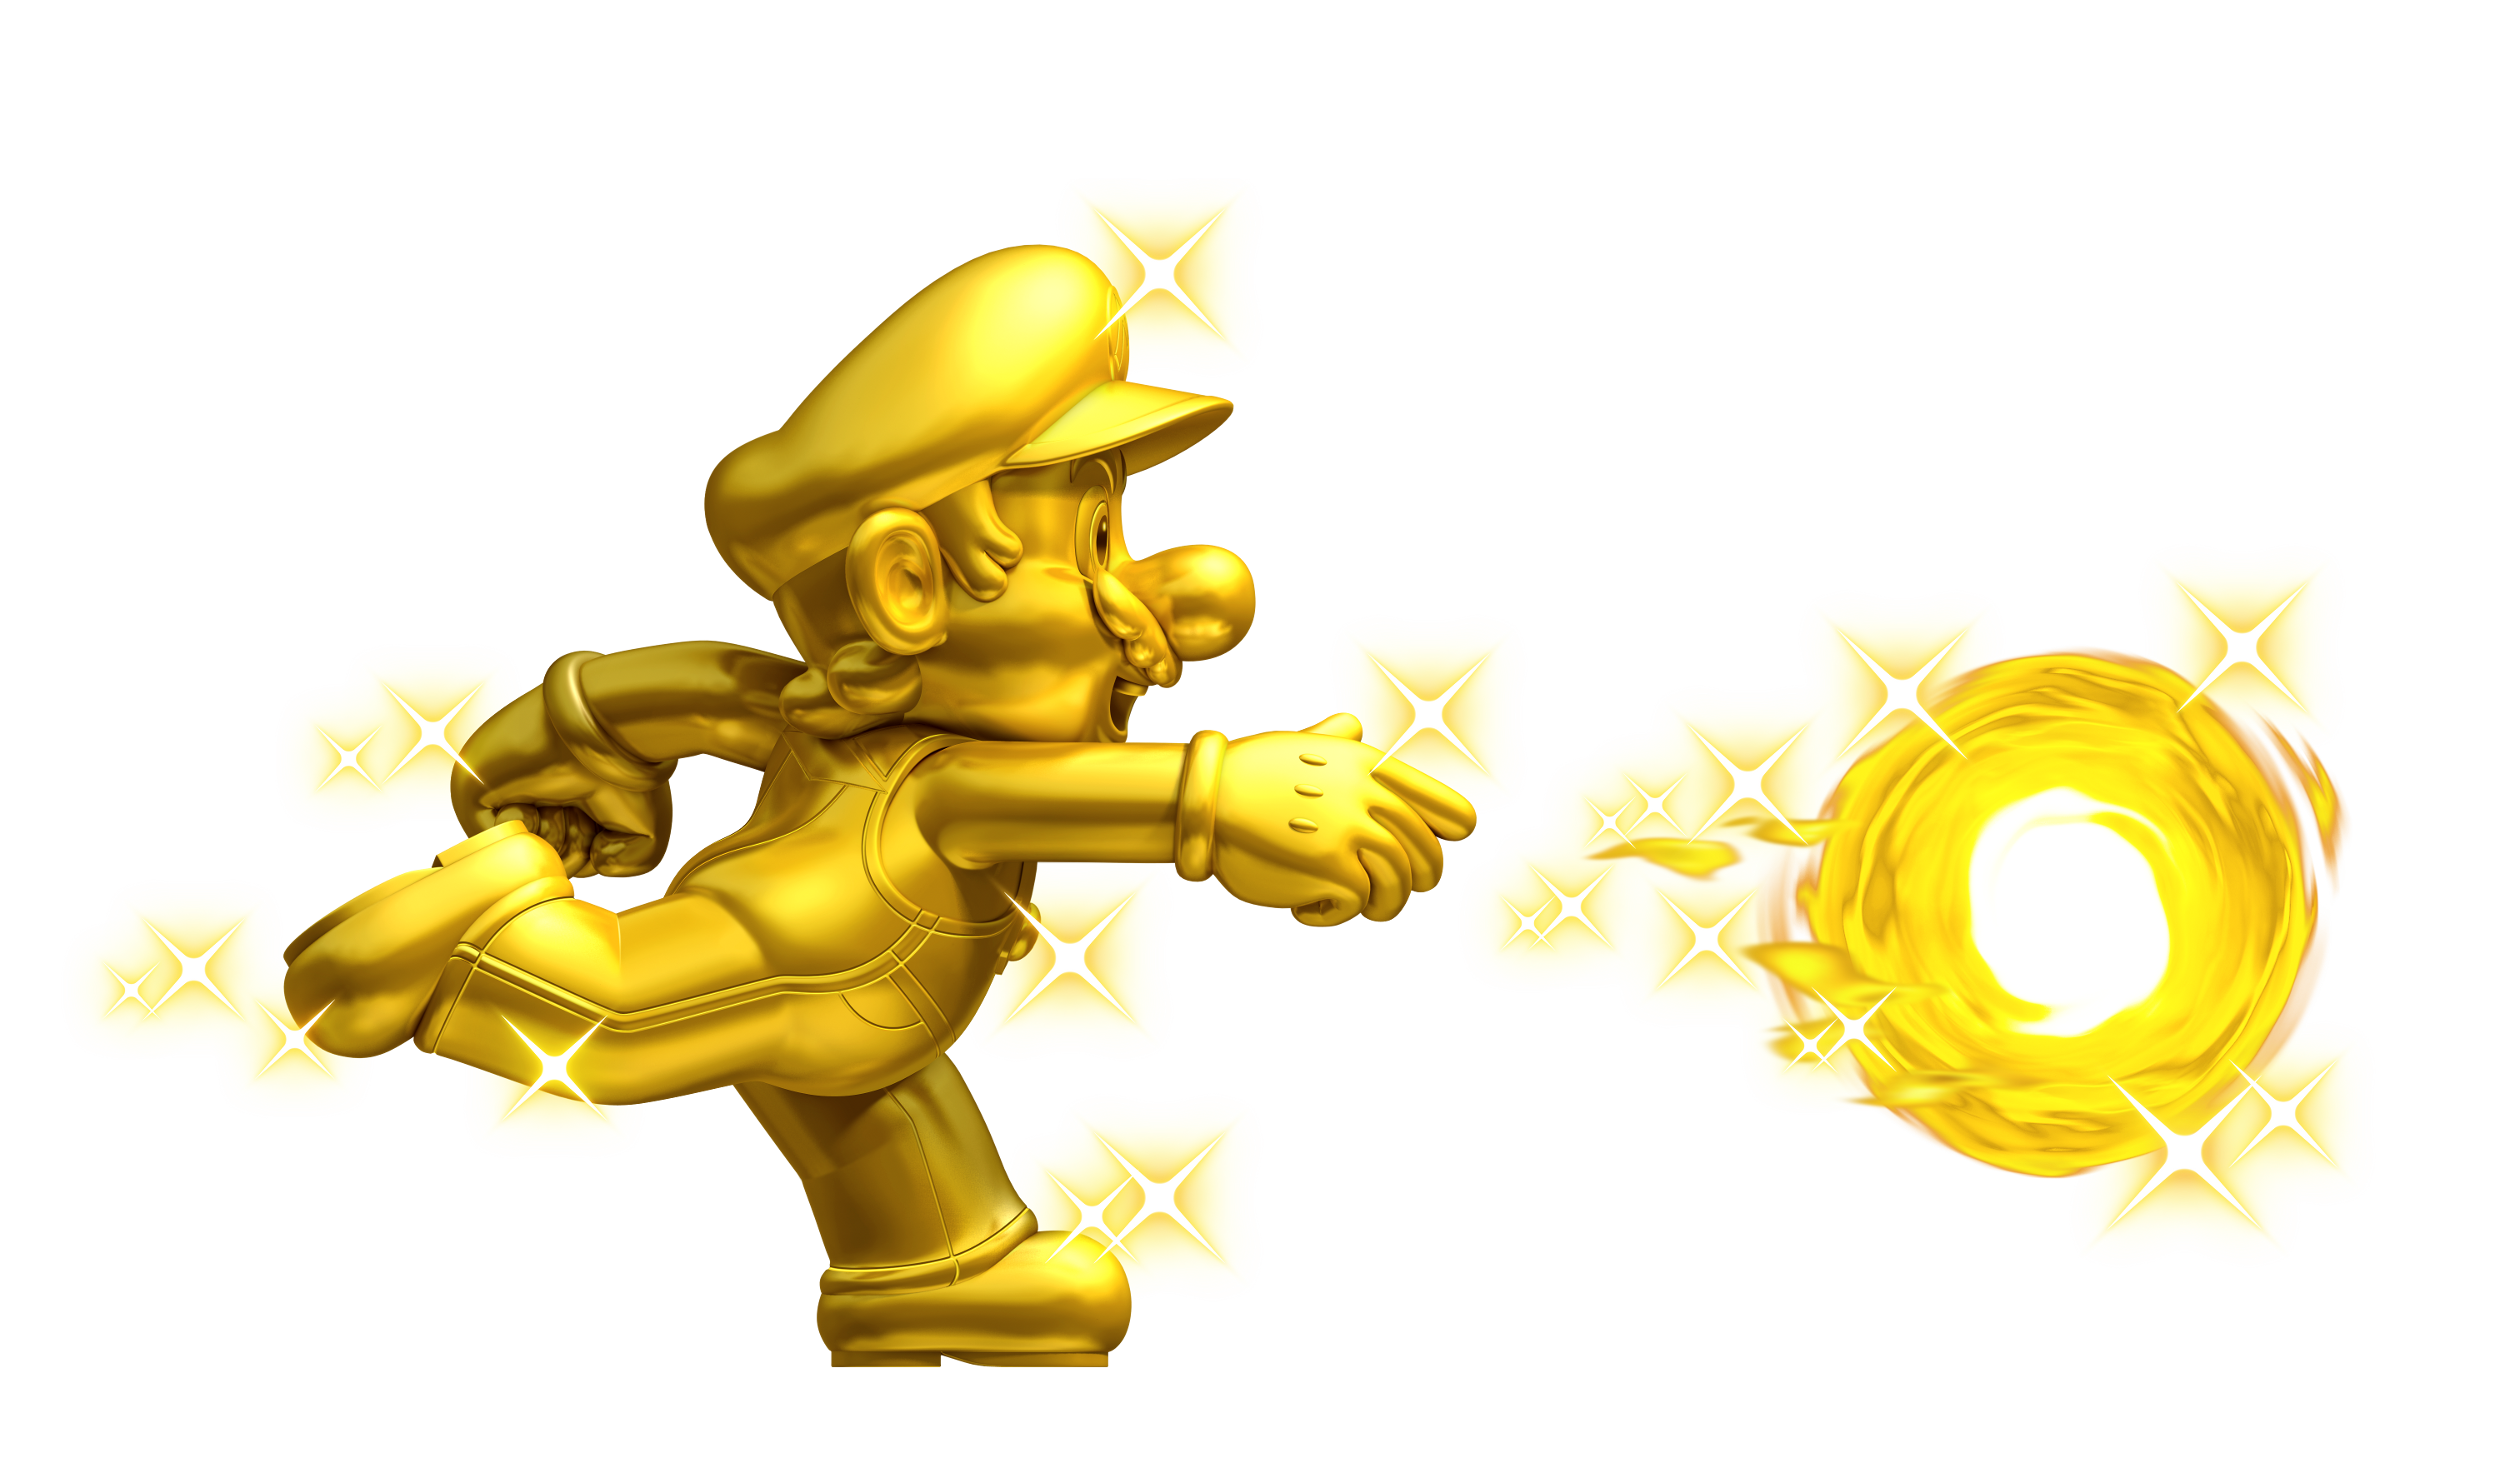 Gold Mario Throwing A Golden Fireball Super Mario Super Mario Bros Mario Bros